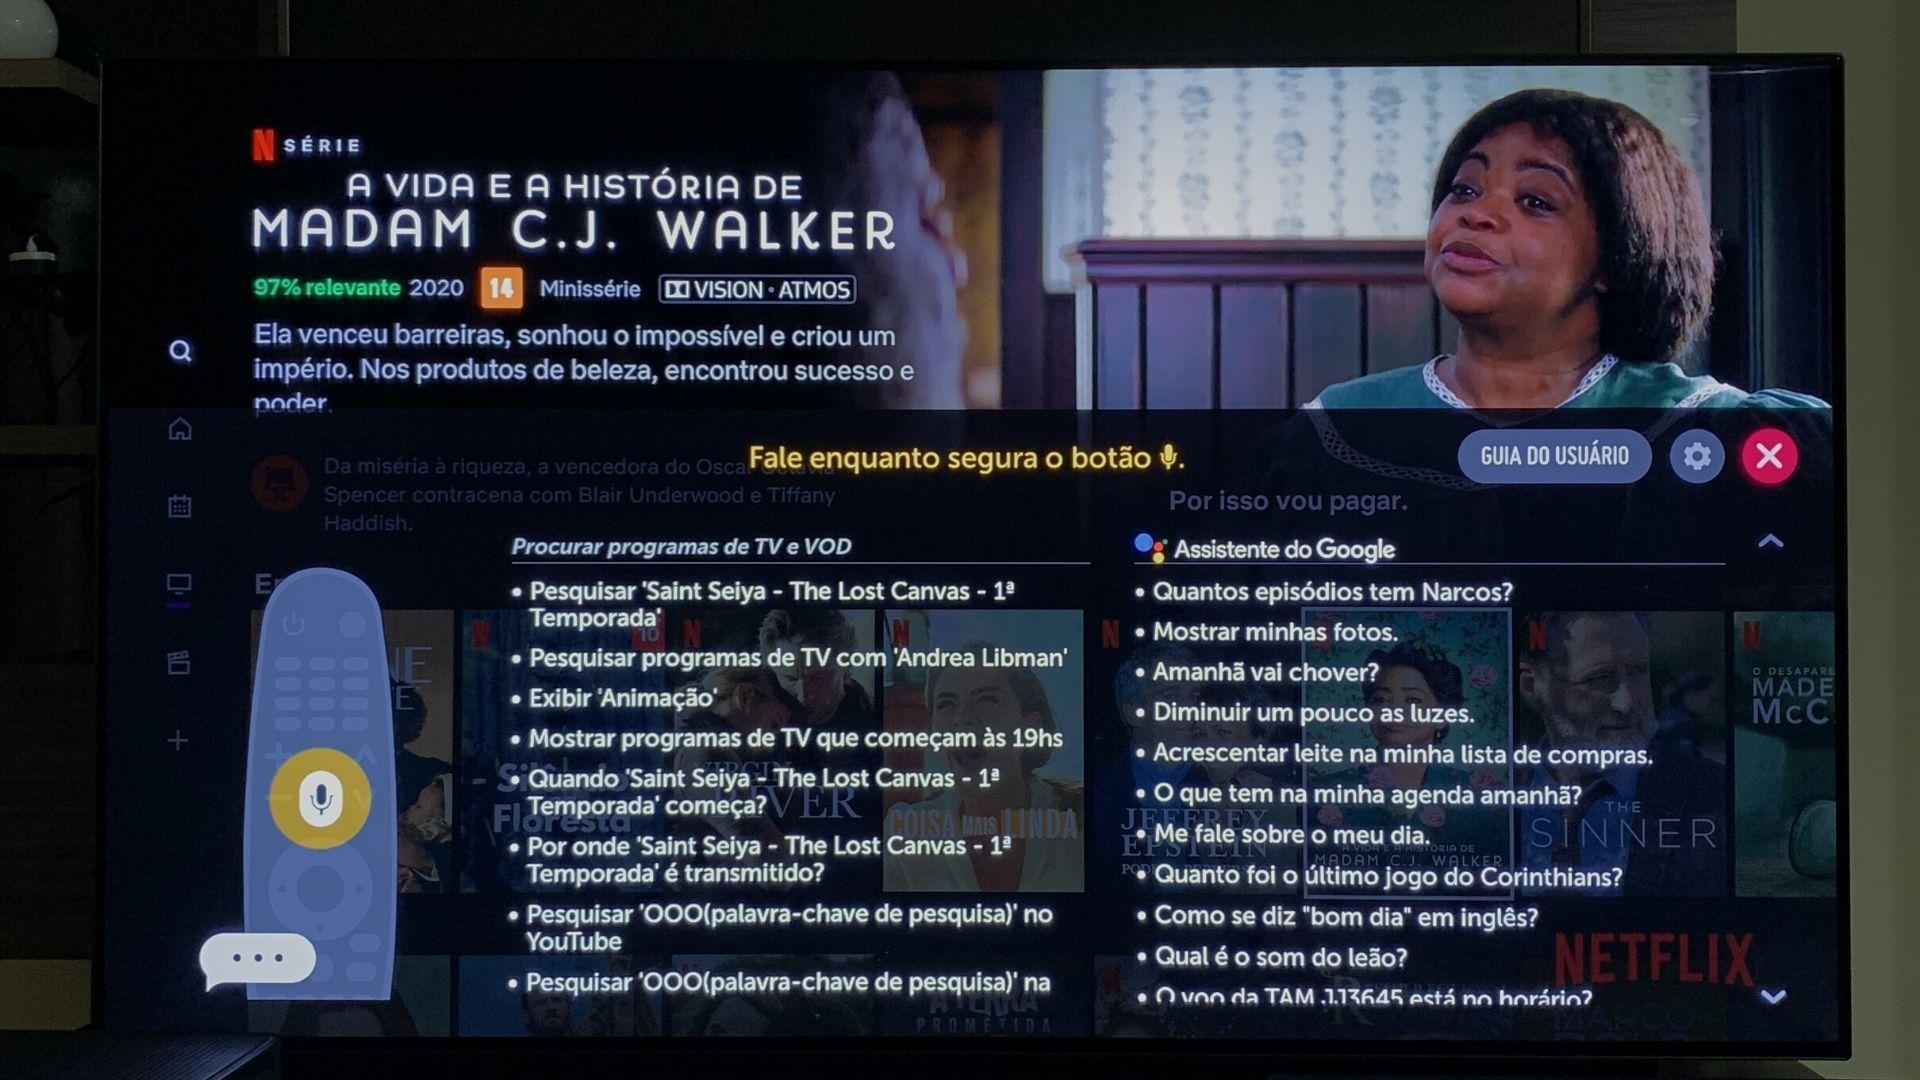 Google Assistente pode te ajudar com todos estes recursos da foto, e mais vários outros. (Imagem: Yulli Dias/Zoom)